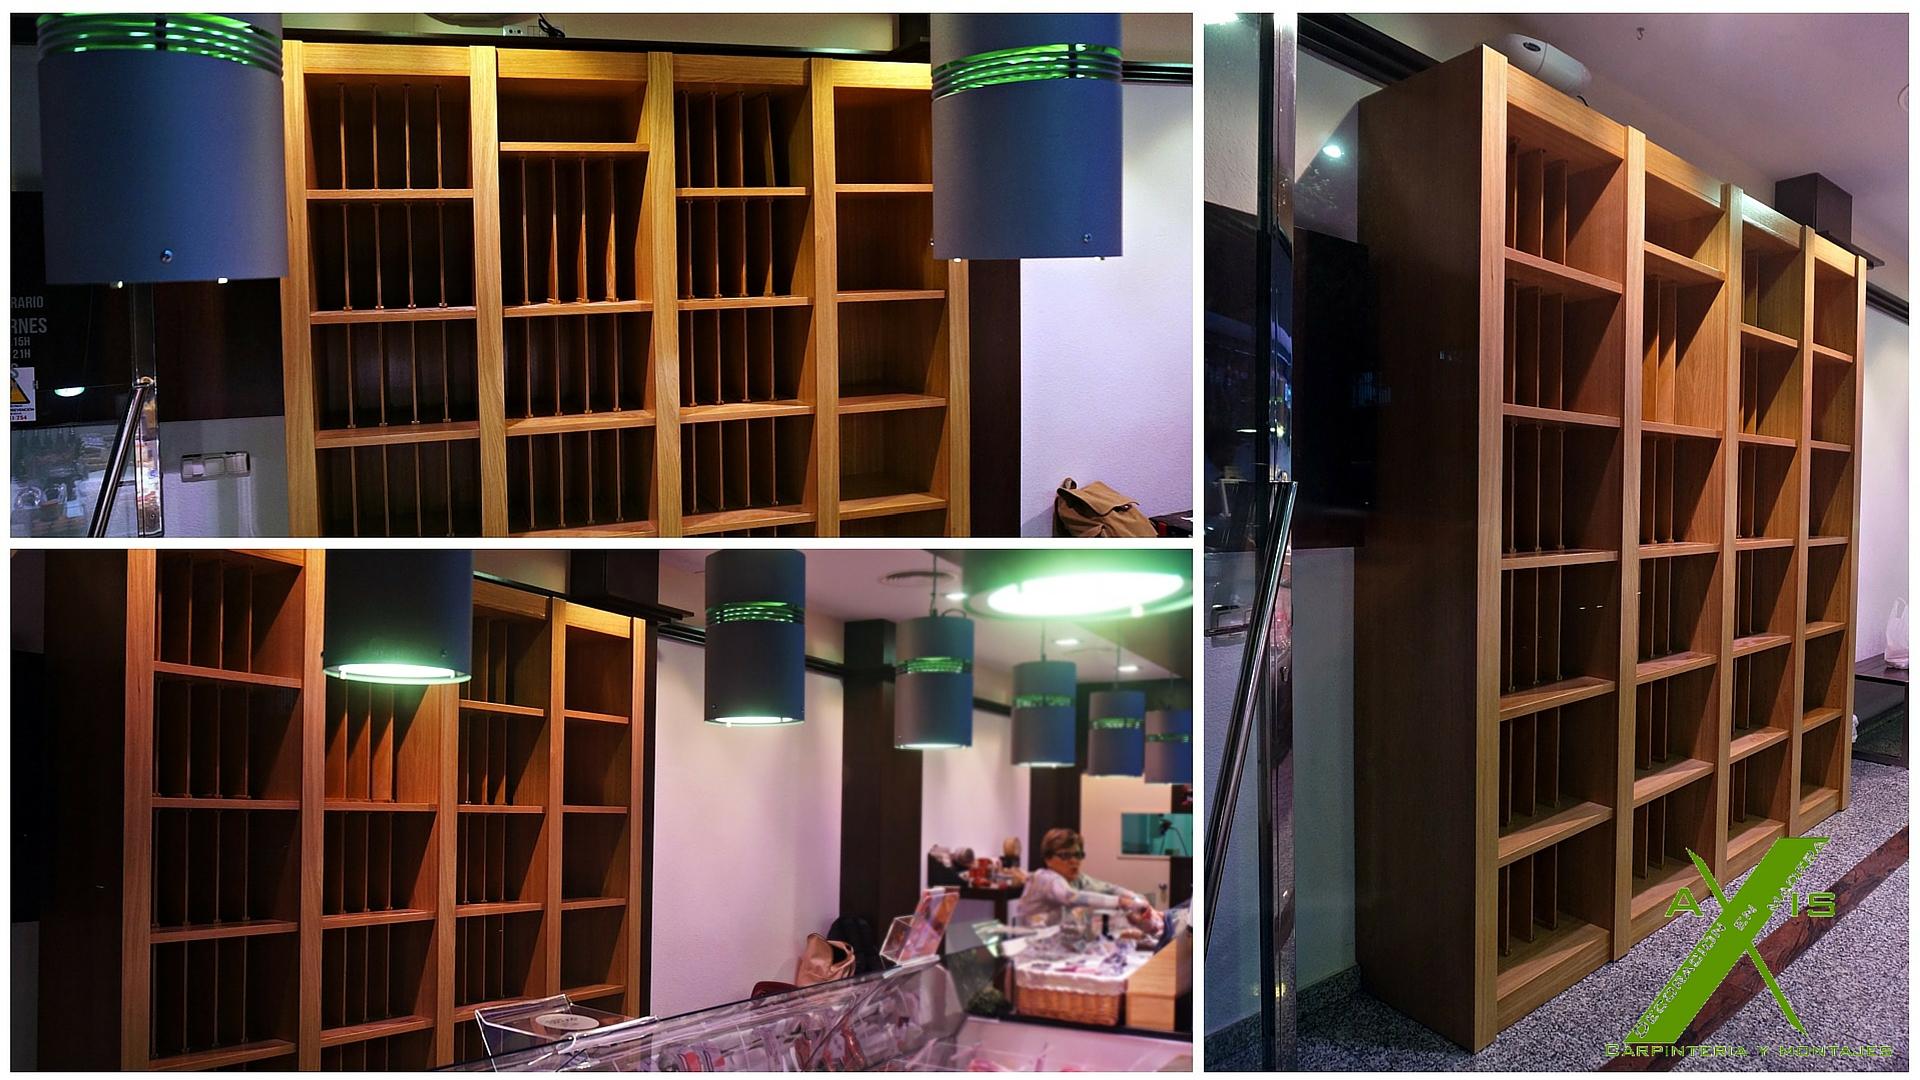 Muebles para vinoteca mueble para alojar frigorfico for Muebles para vinotecas